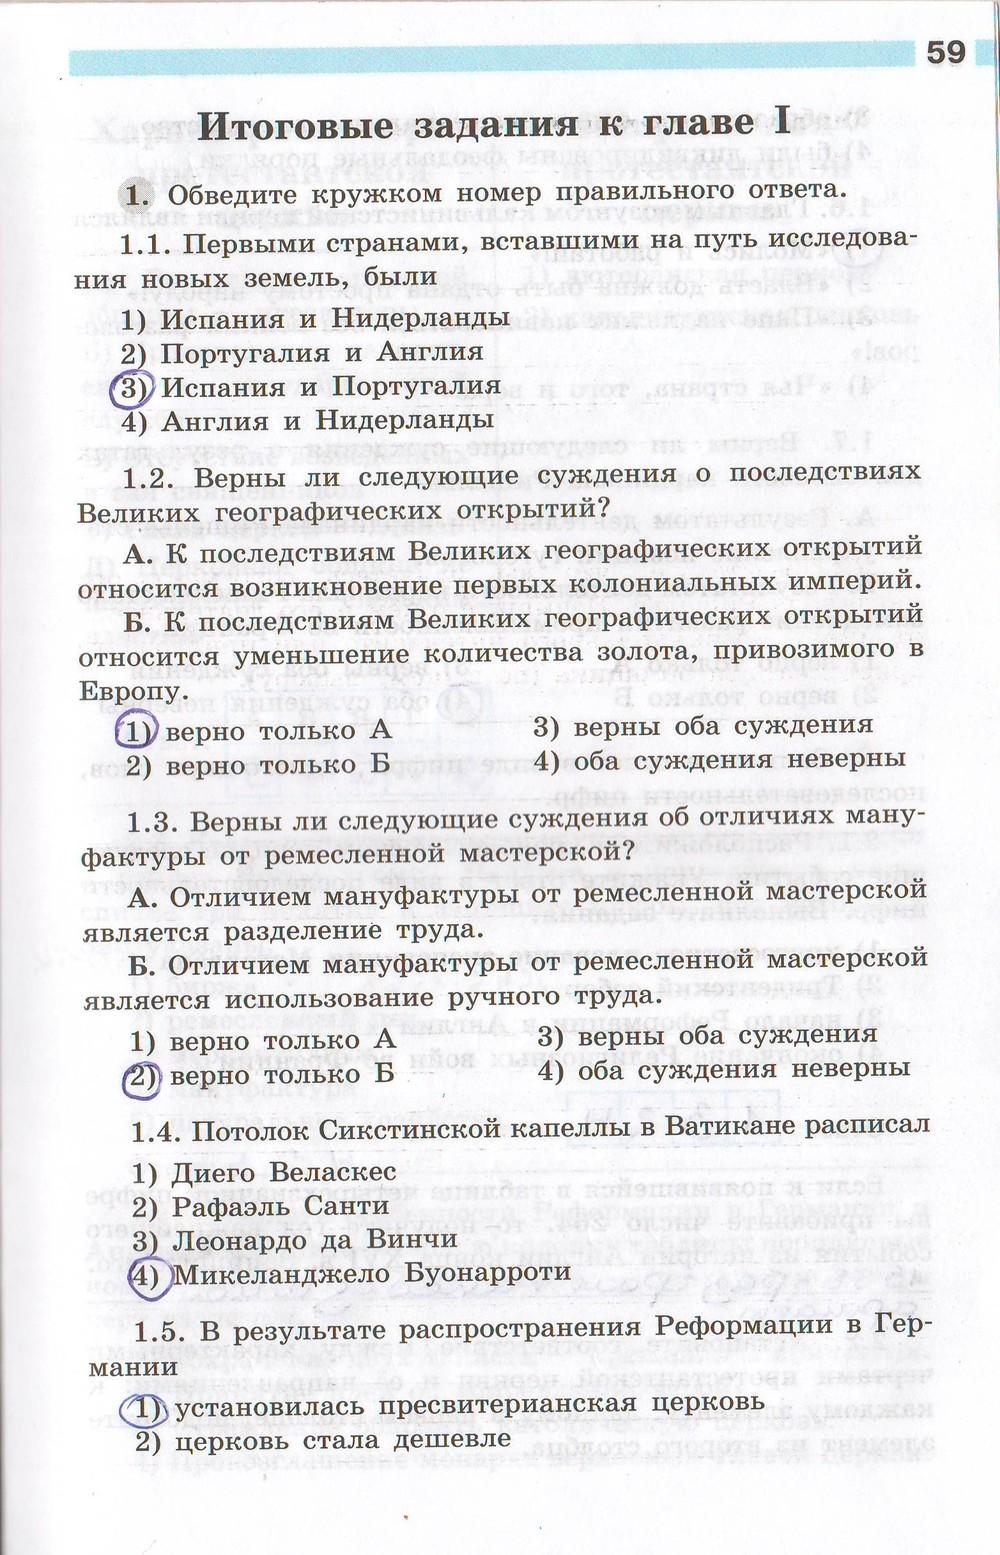 Гдз История 7 Класс Итоговые Задания Таблица